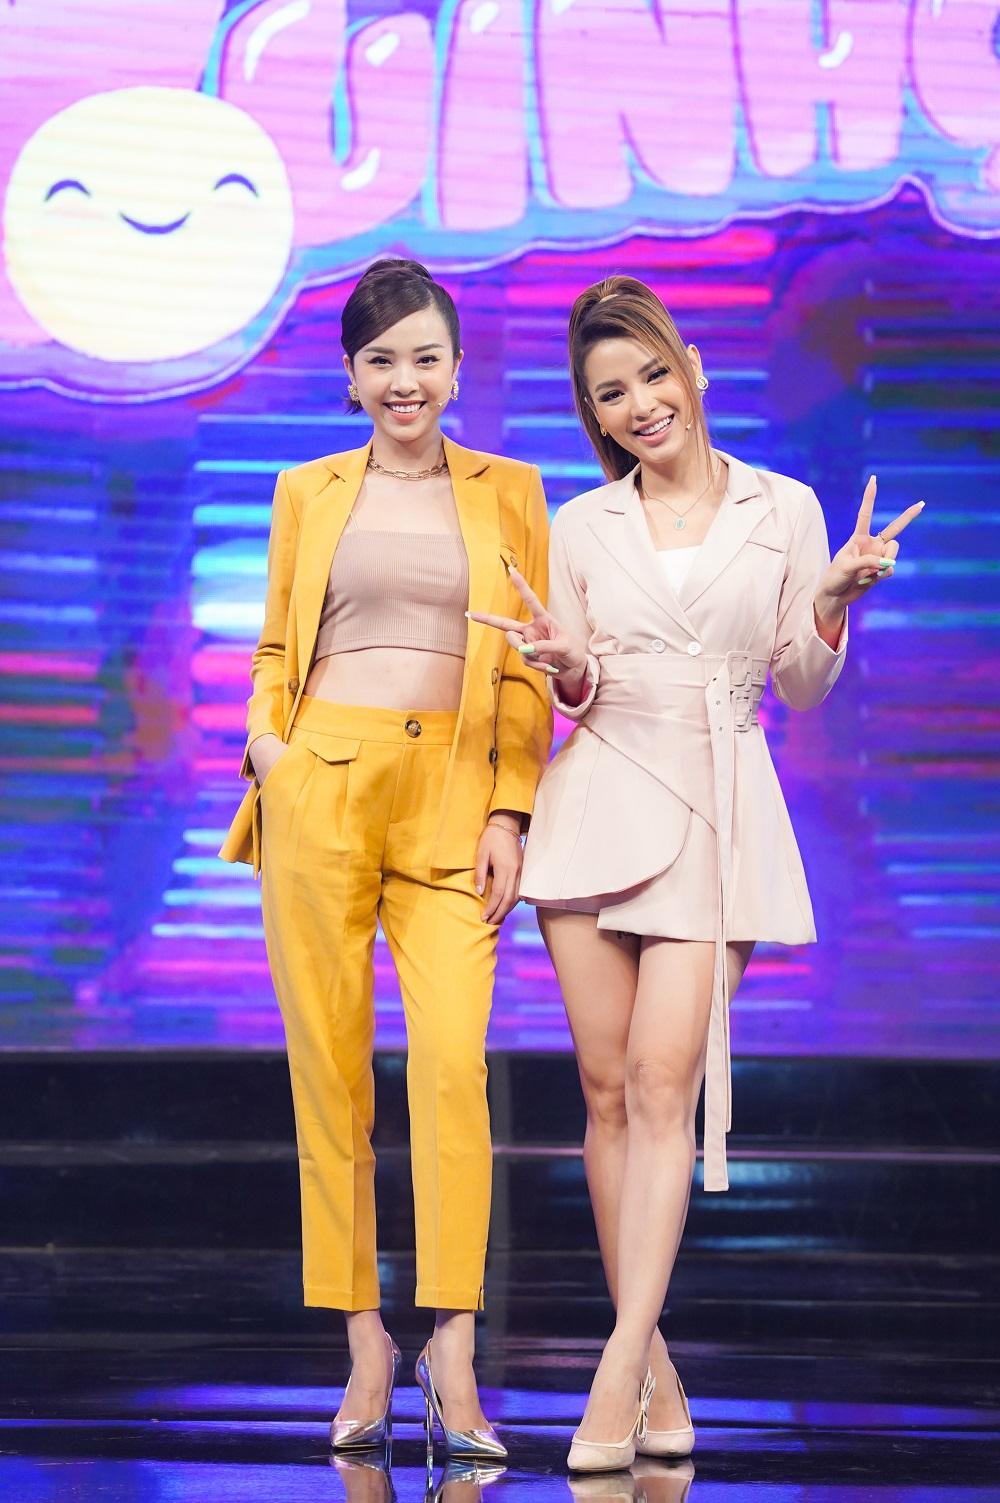 """Hoa hậu Tiểu Vy sợ """"xanh mặt"""", suýt khóc trên sân khấu khi lần đầu tham gia gameshow - 1"""